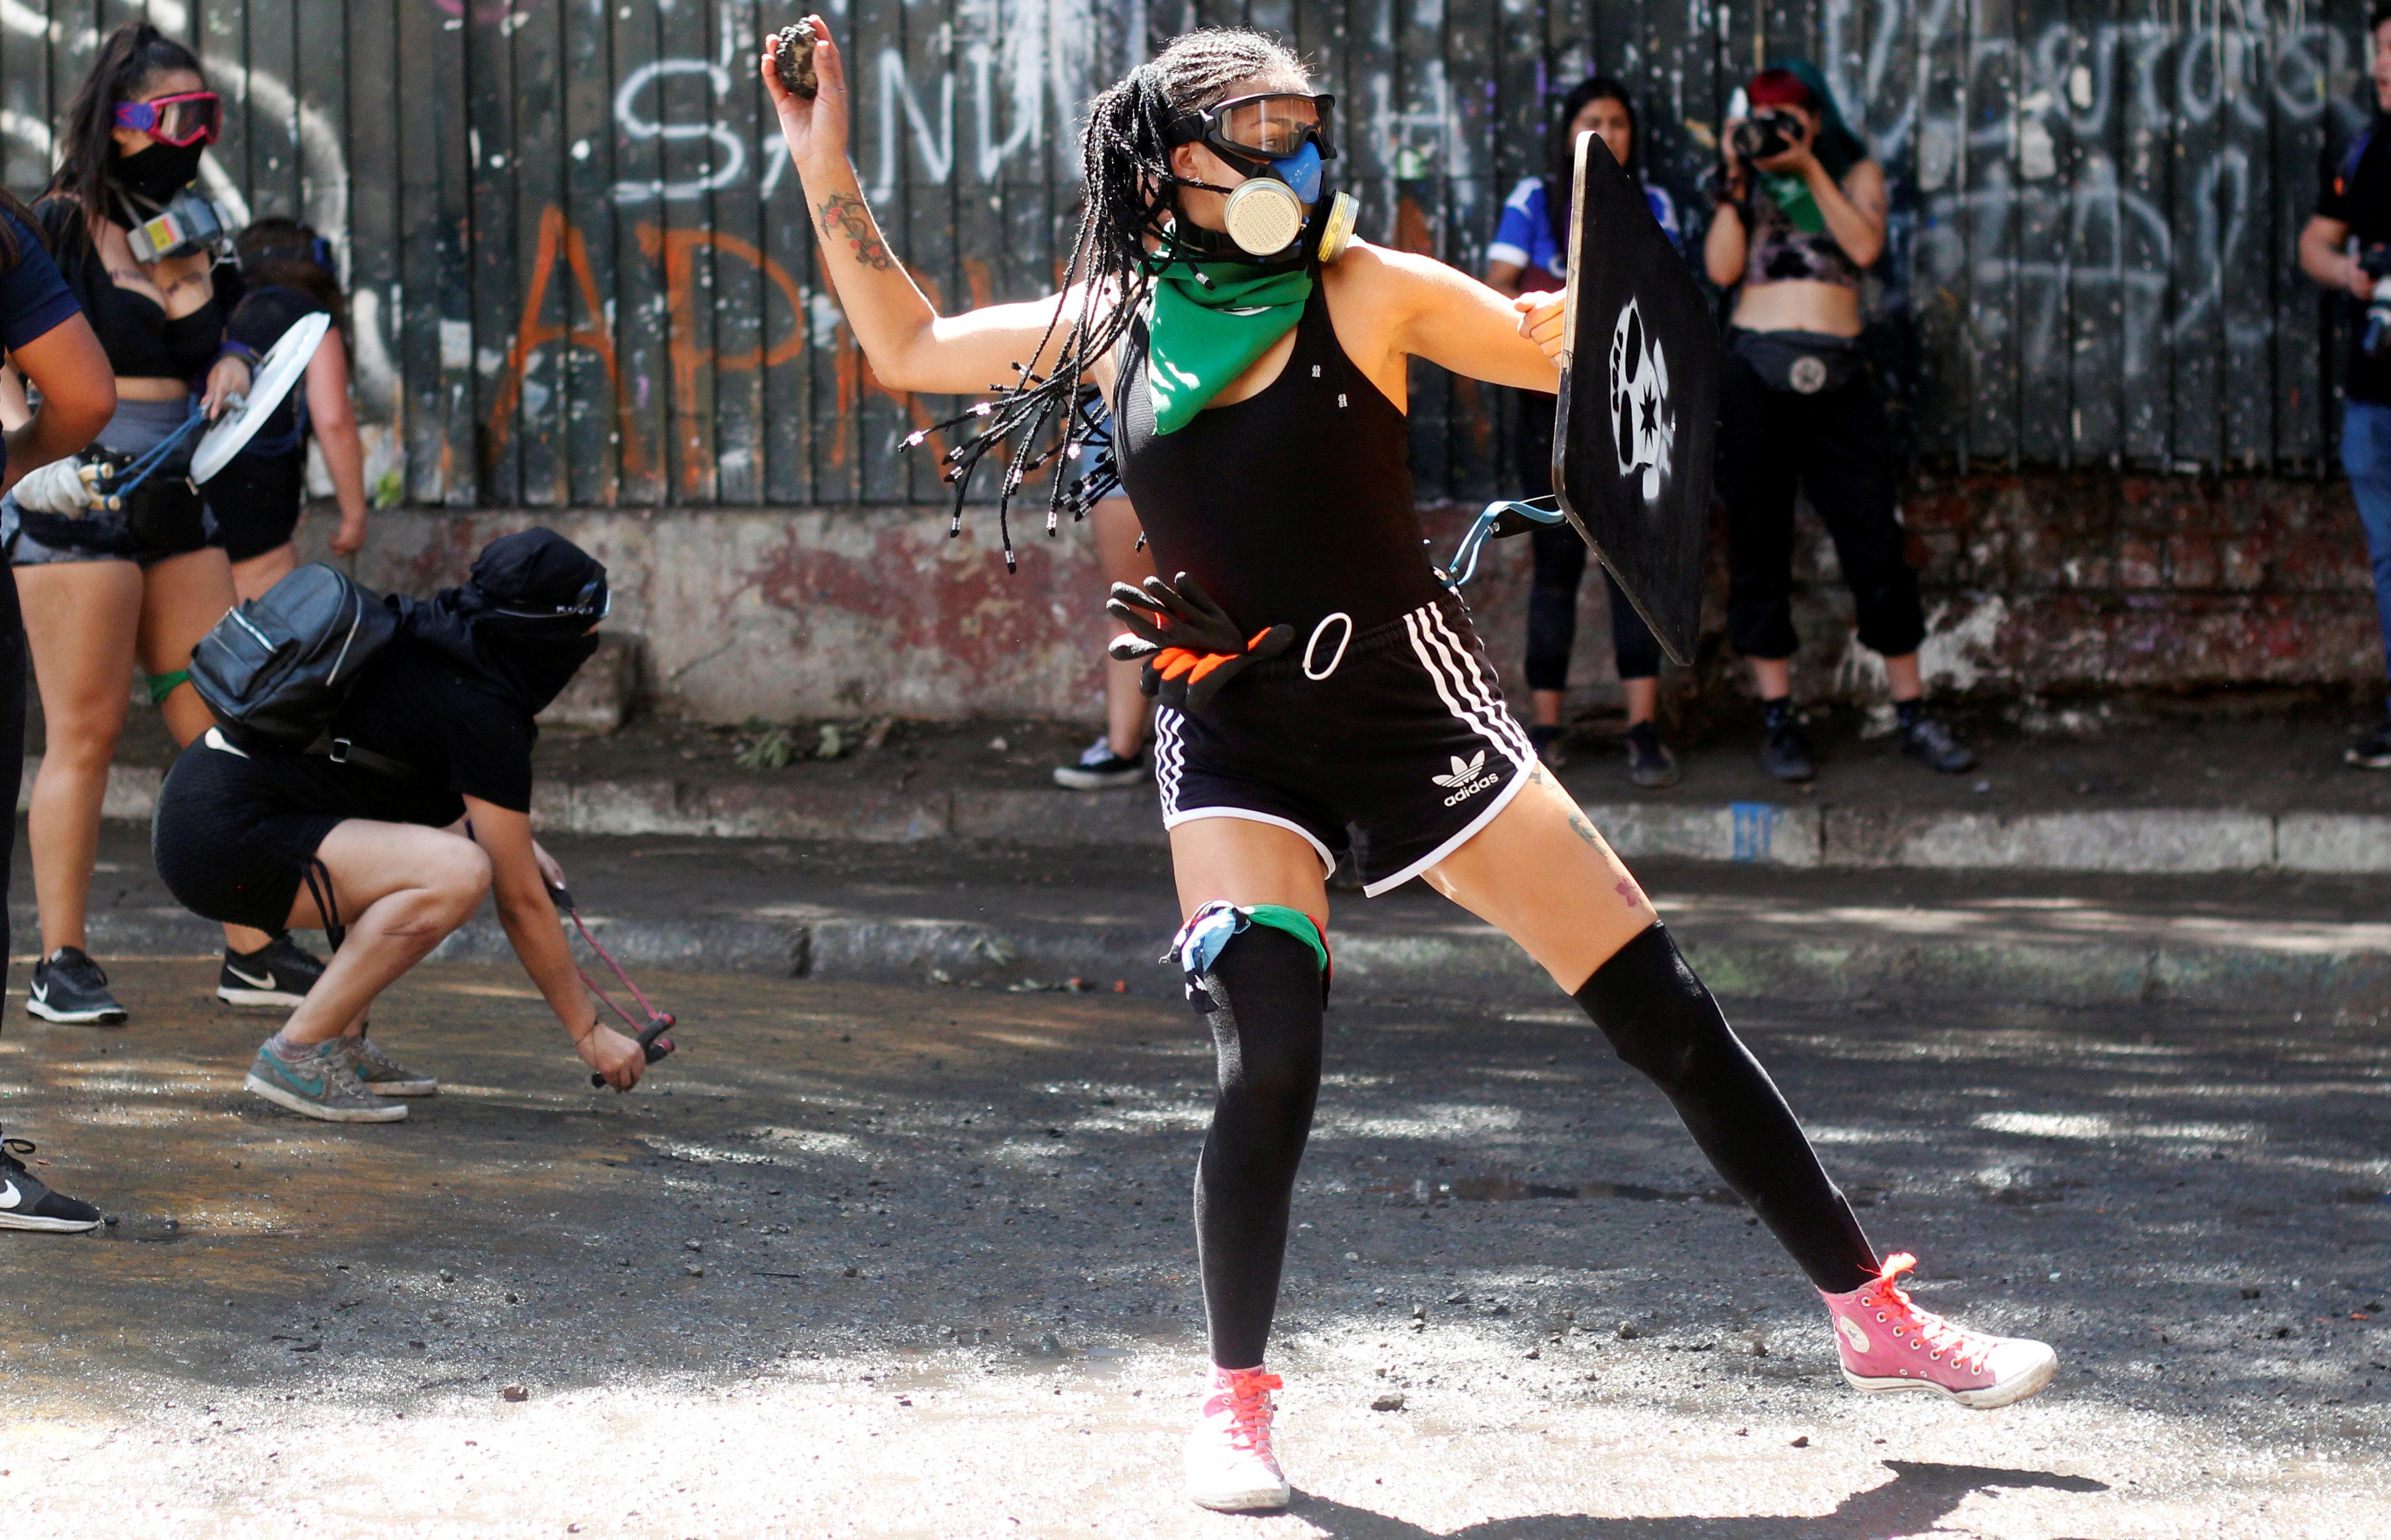 Las mujeres se enfrentan en un mitin durante el Día Internacional de la Mujer en Santiago, Chile, 8 de marzo de 2020. (REUTERS / Sebastian Silva)